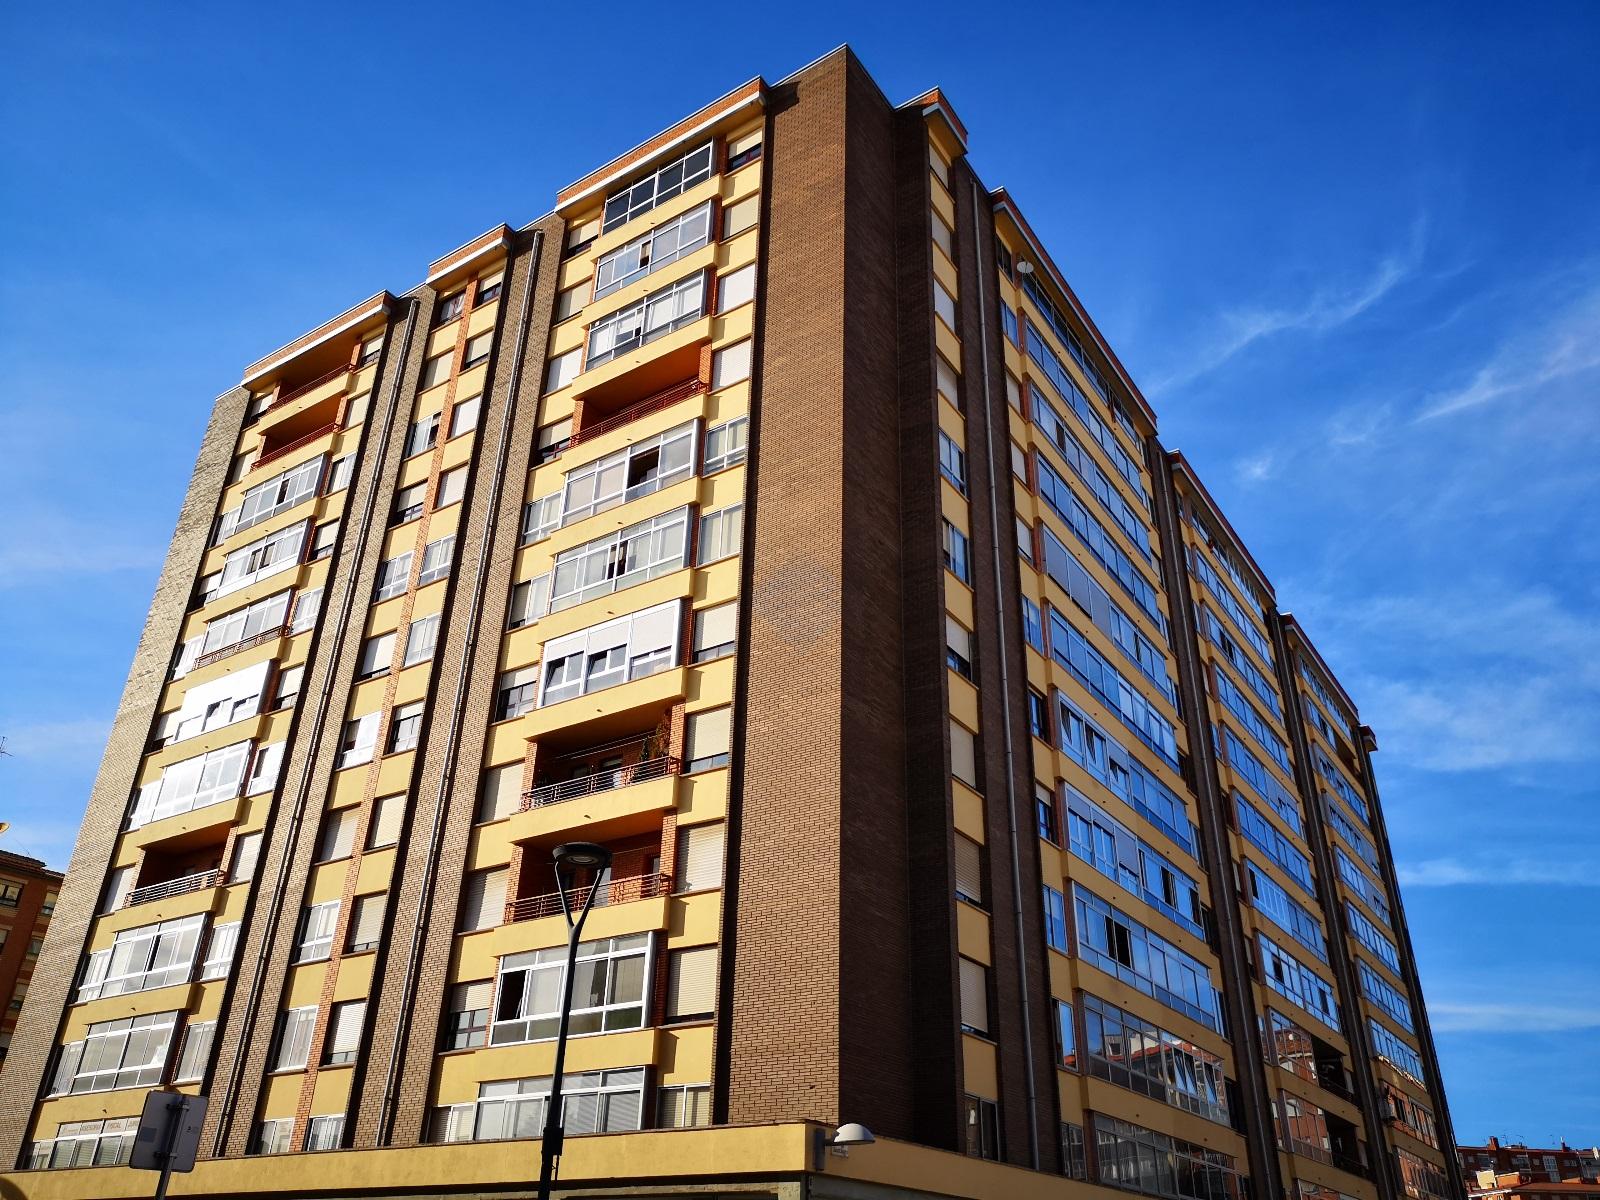 Magnifica-vivienda-en-pleno-corazón-del-barrio-de-Gamonal-y-en-uno-de-los-edificios-más-emblemáticos